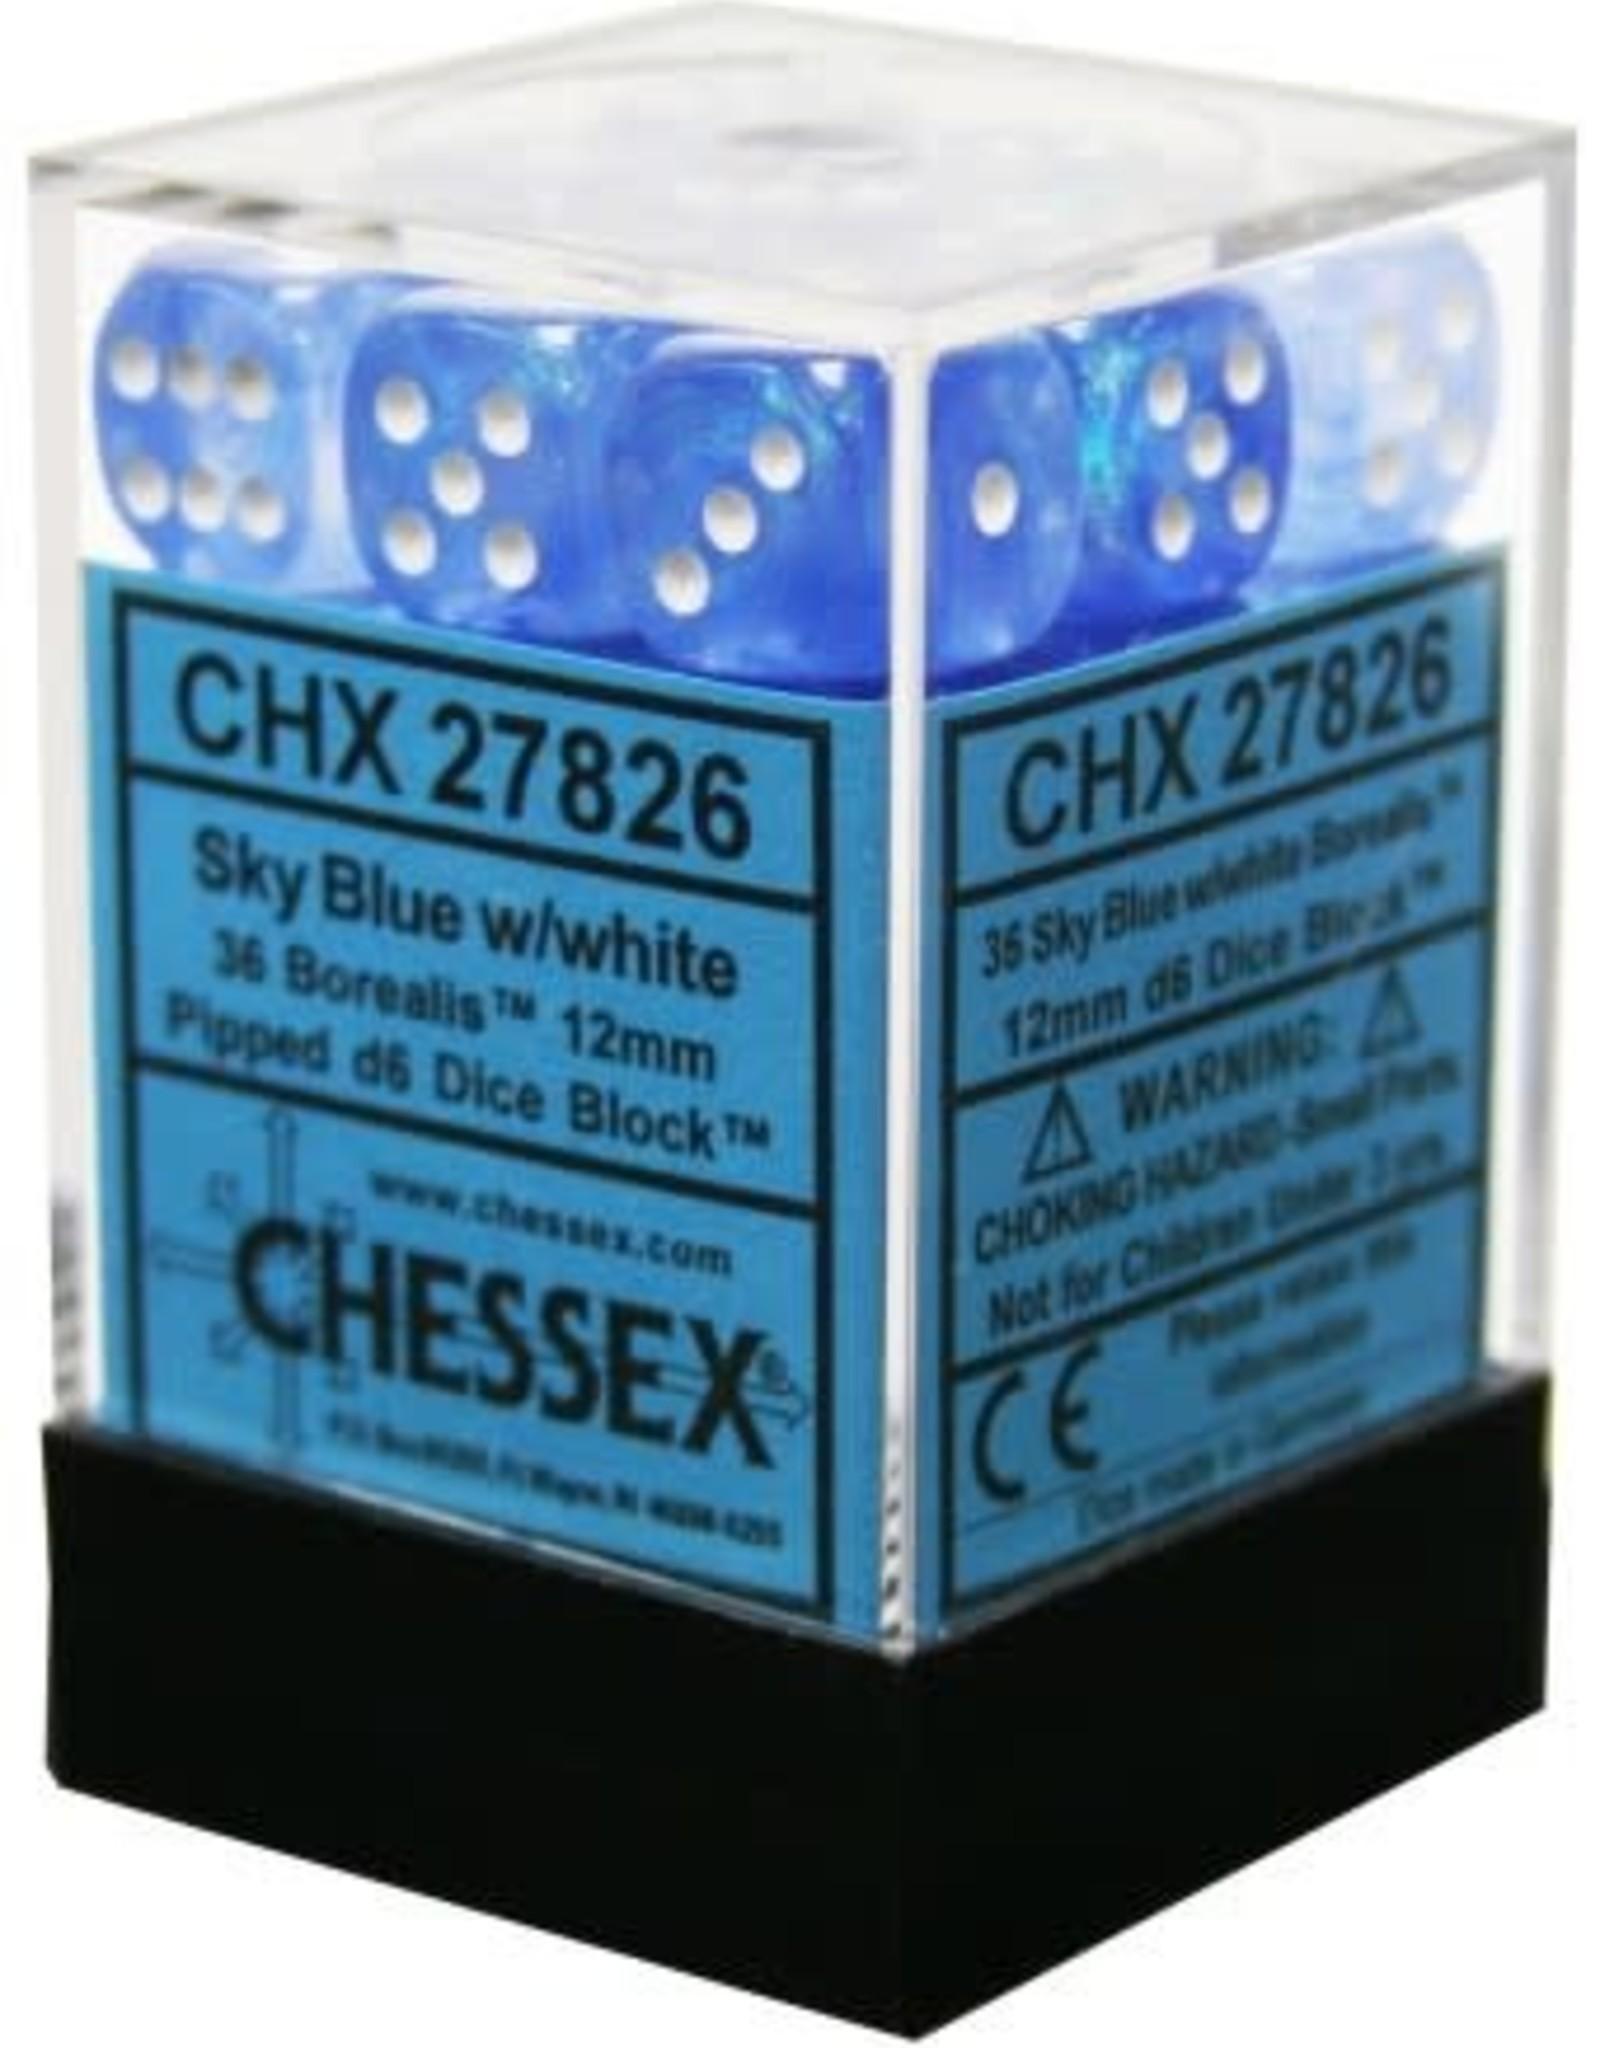 CHX 27826 Borealis 12mm D6 Sky Blue w/ White